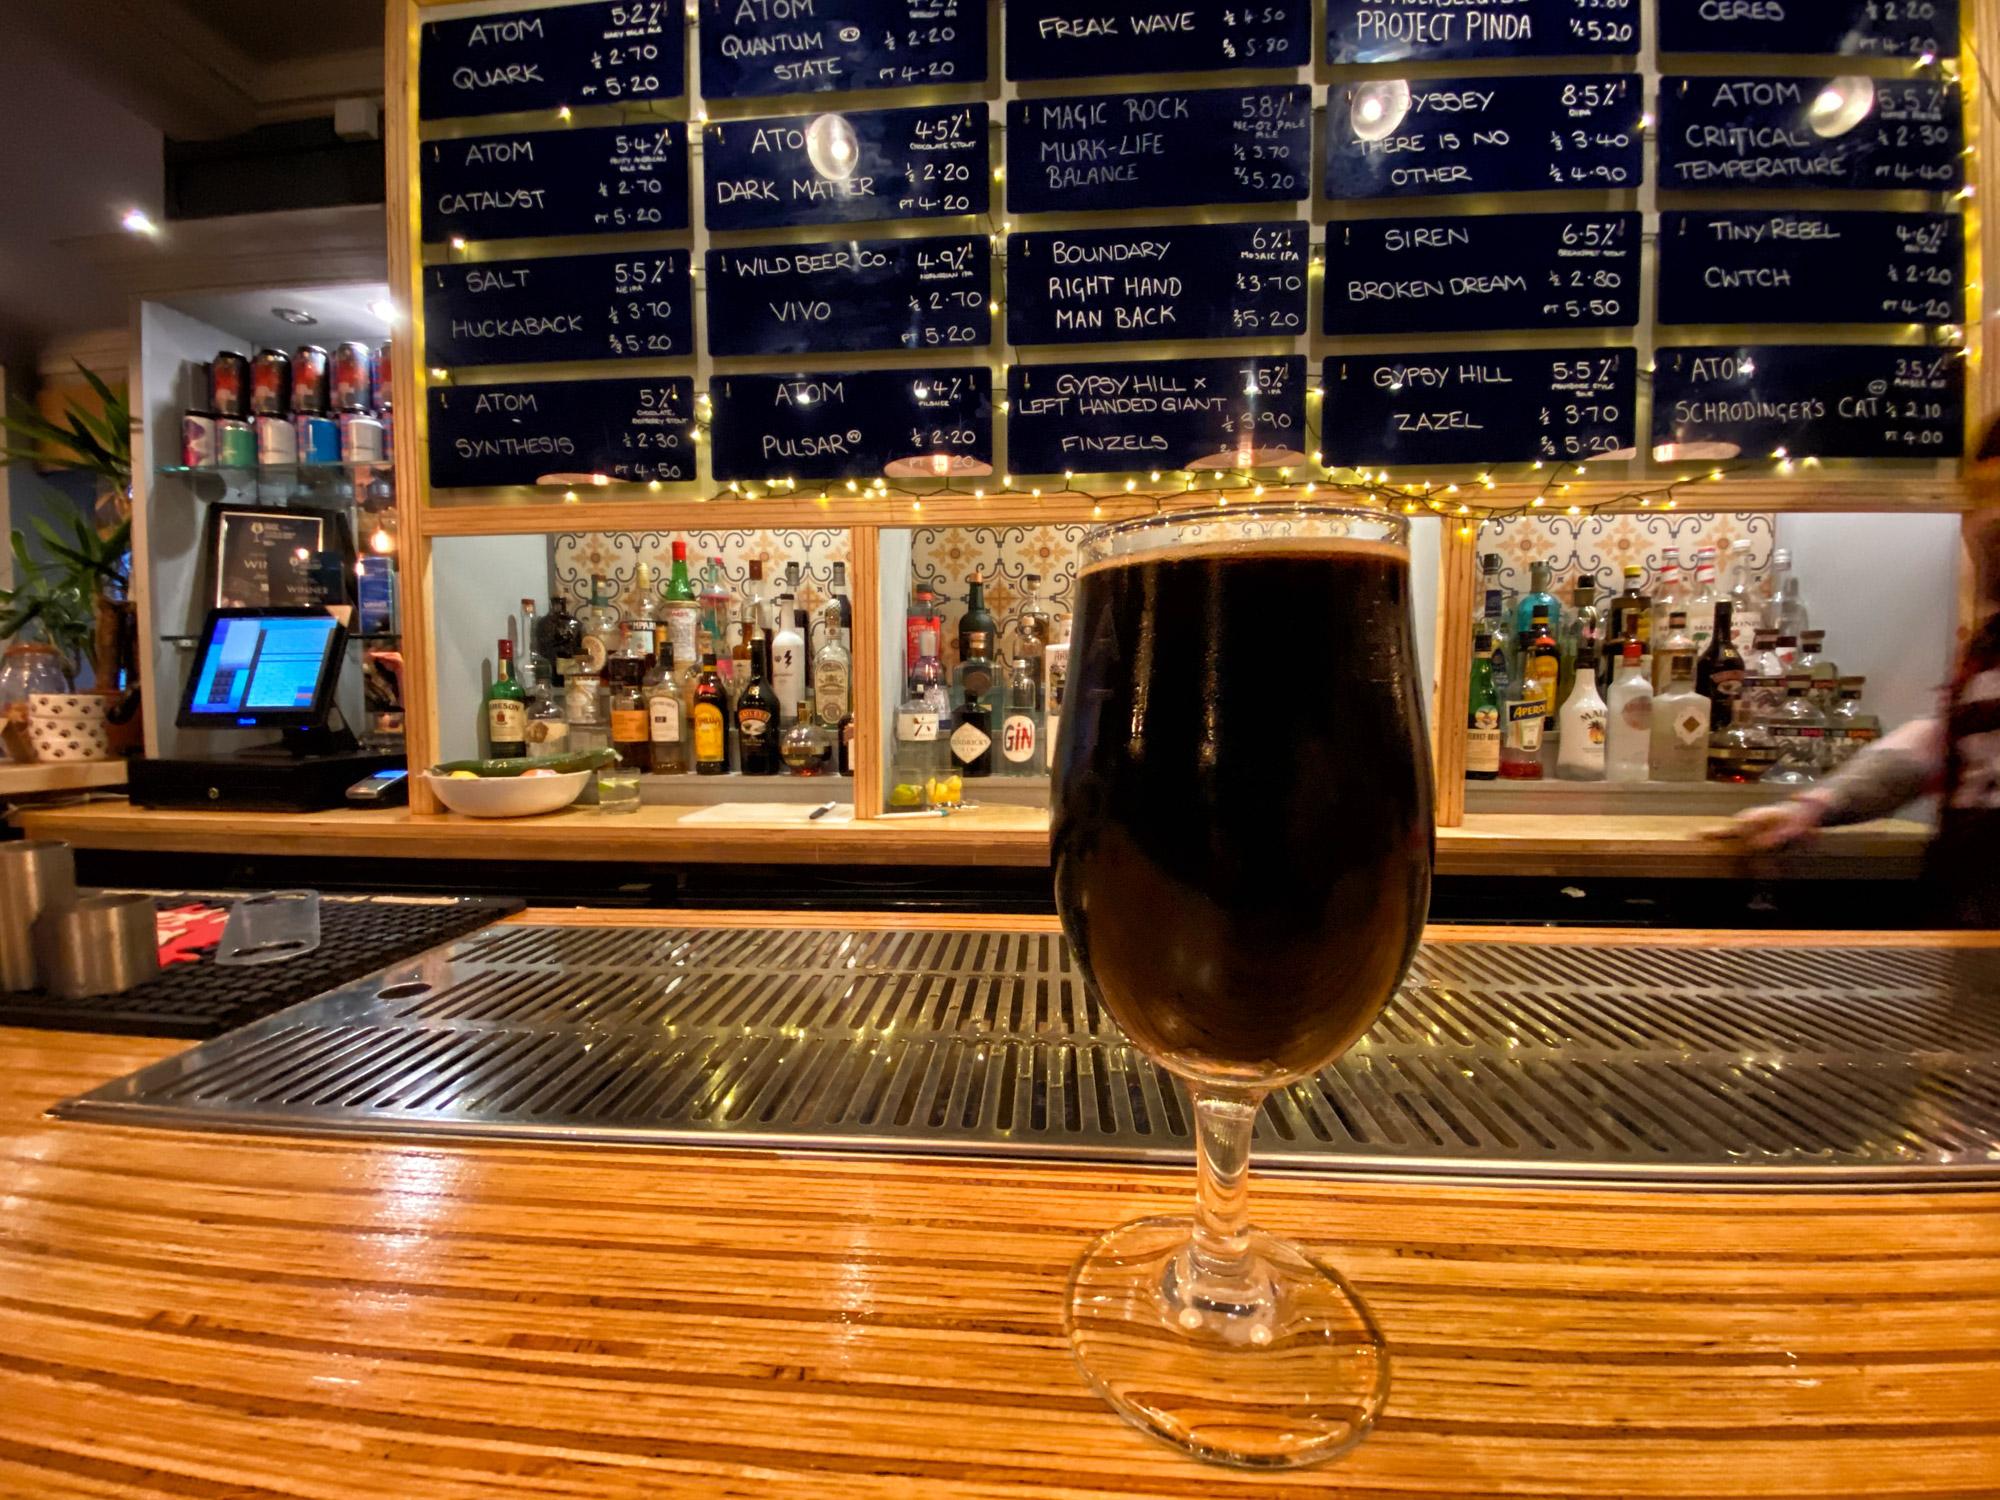 De leukste biercafés van Hull - Atom Brewing Co.